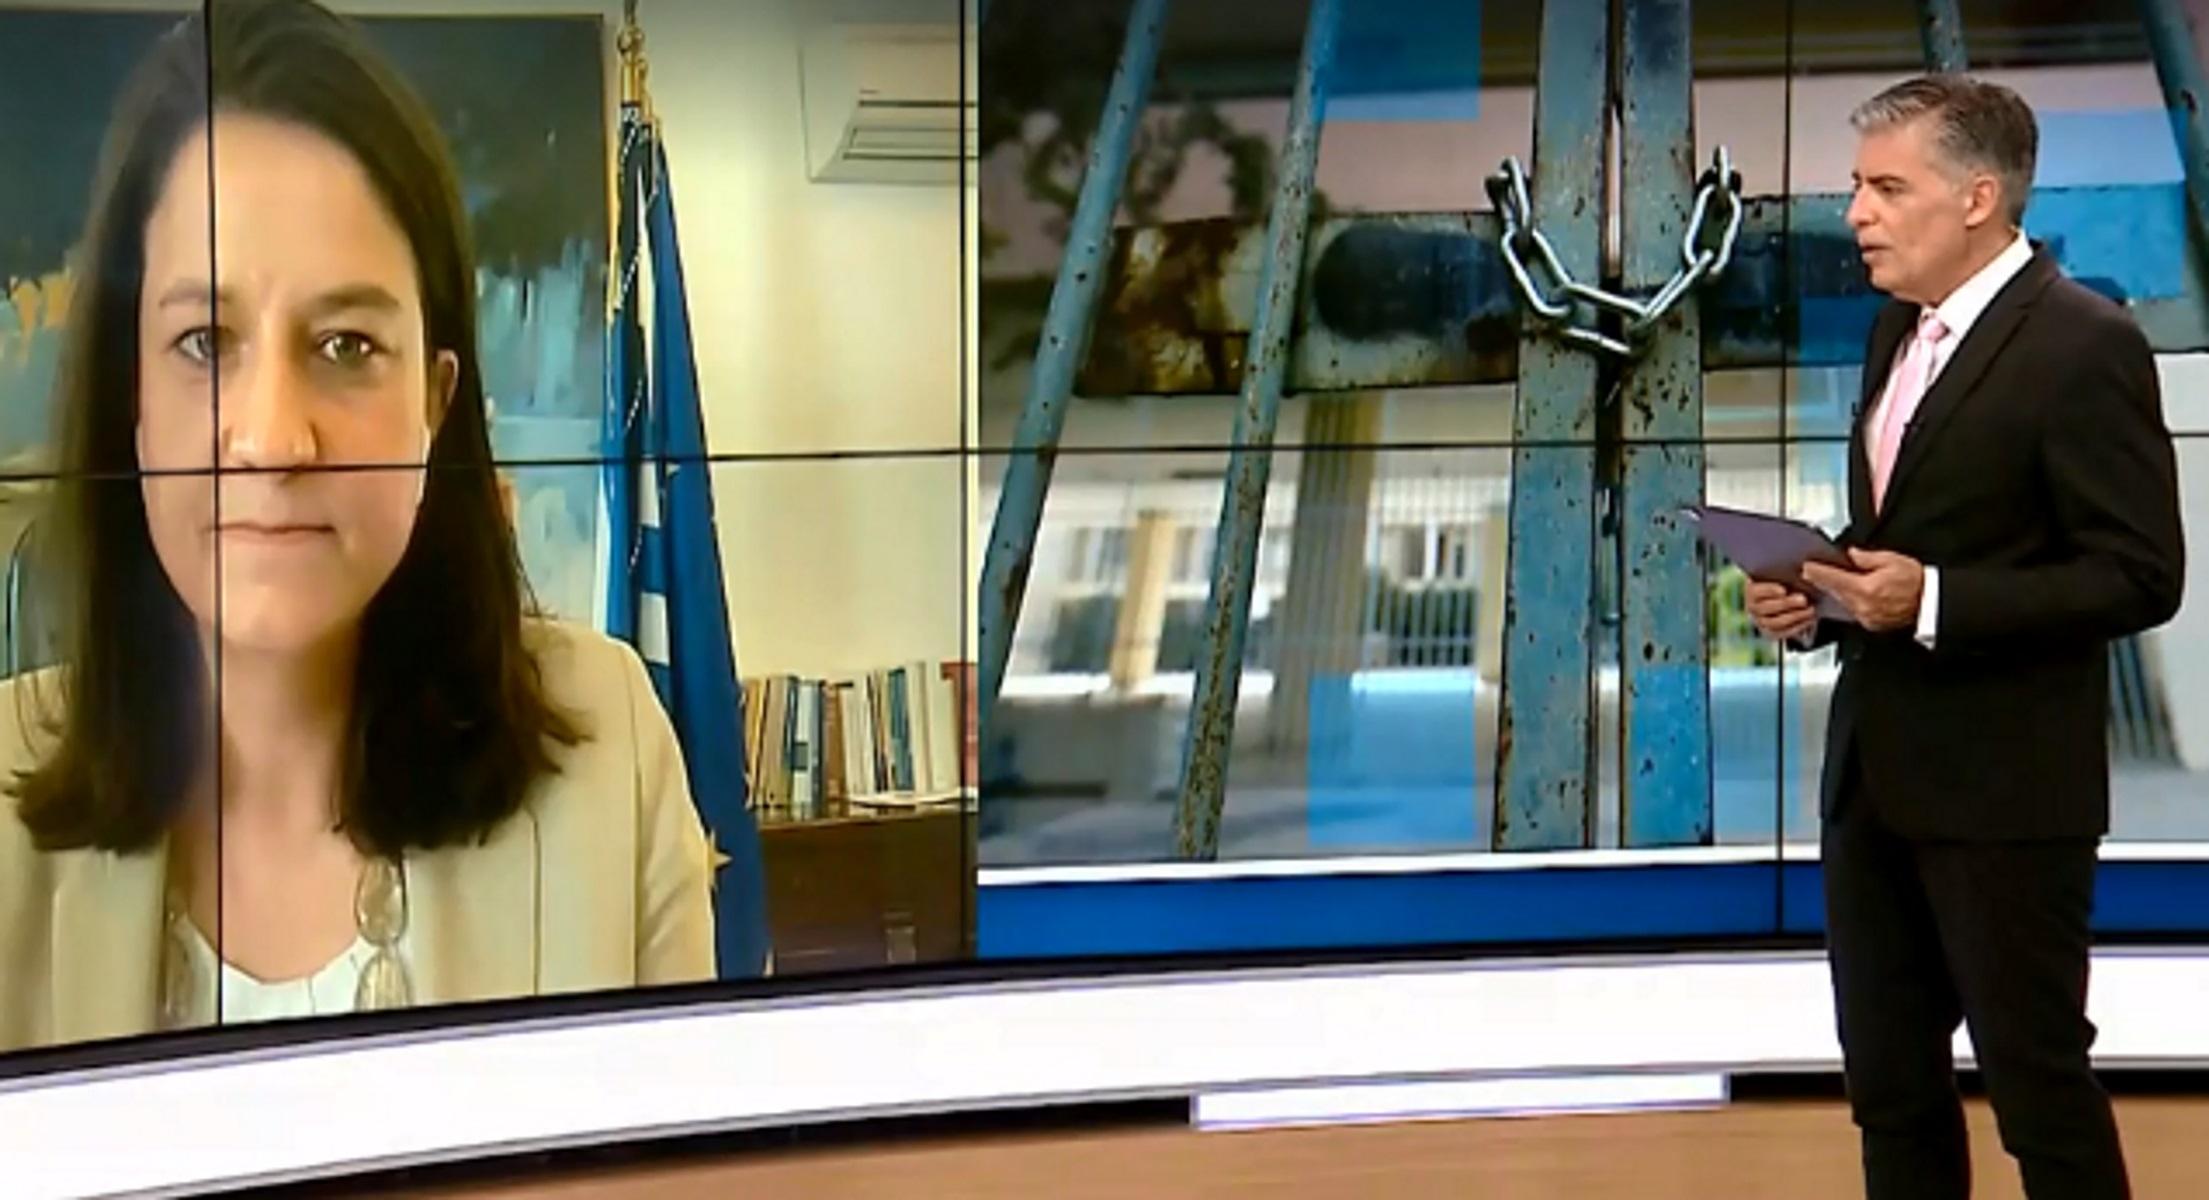 Κεραμέως στο «Live News» για πανελλήνιες: Για πρώτη φορά φέτος δύο ξεχωριστά μηχανογραφικά